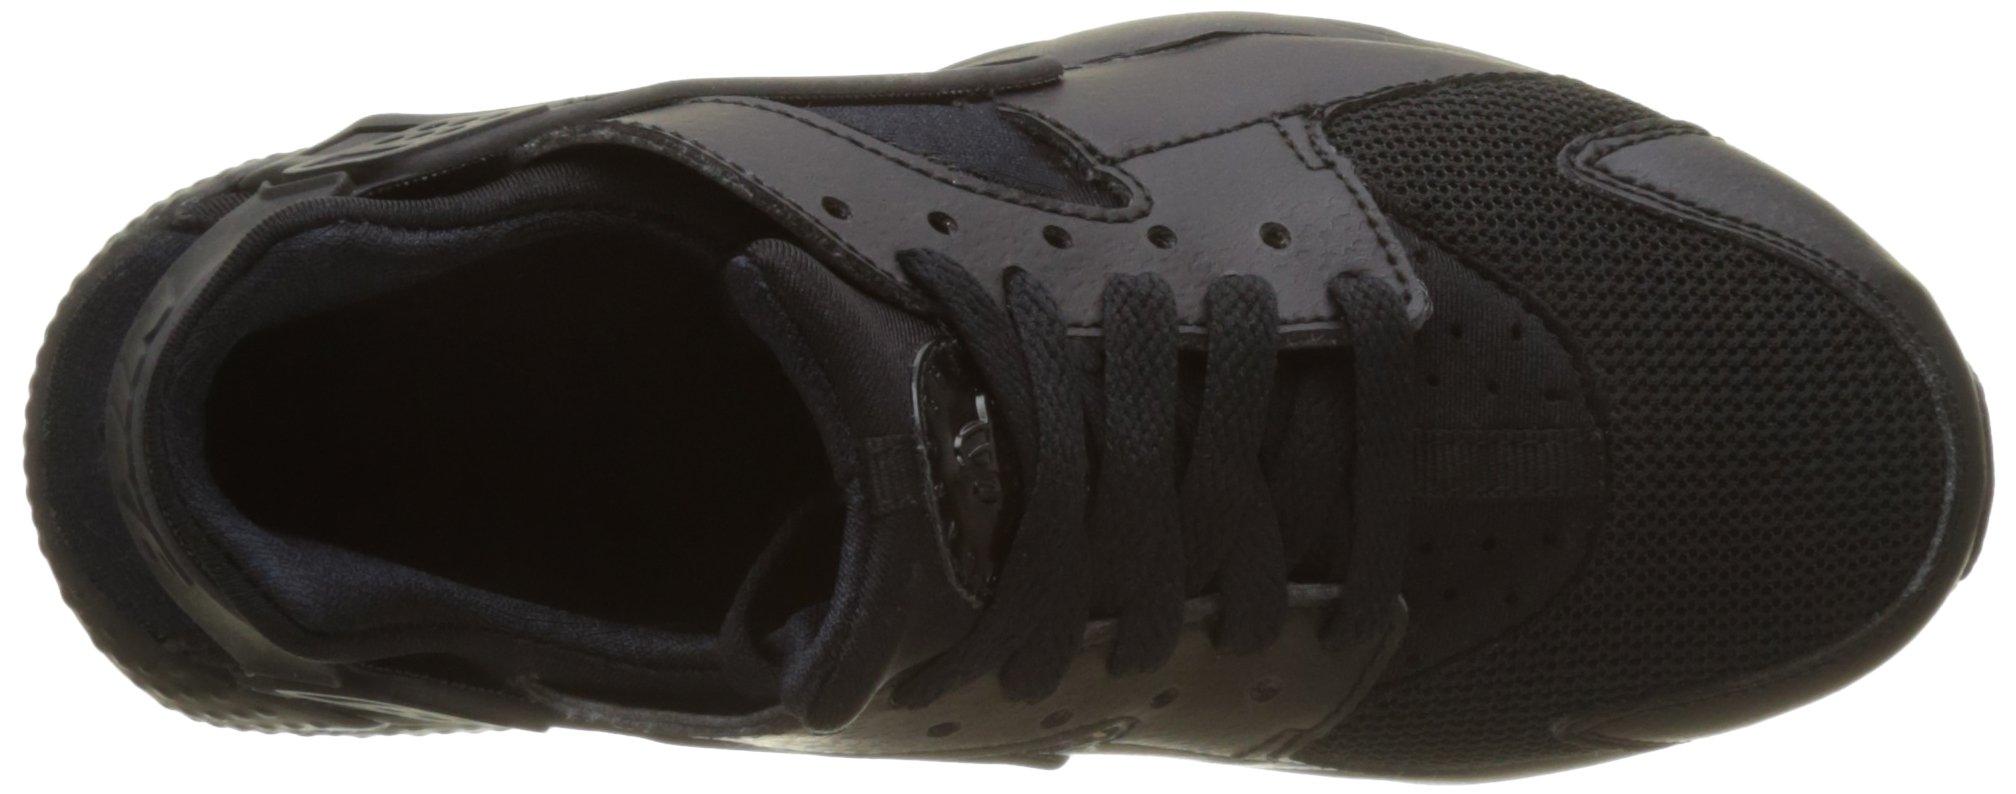 71lXrychG%2BL - Nike Huarache Run (GS), Boys' Running Shoes